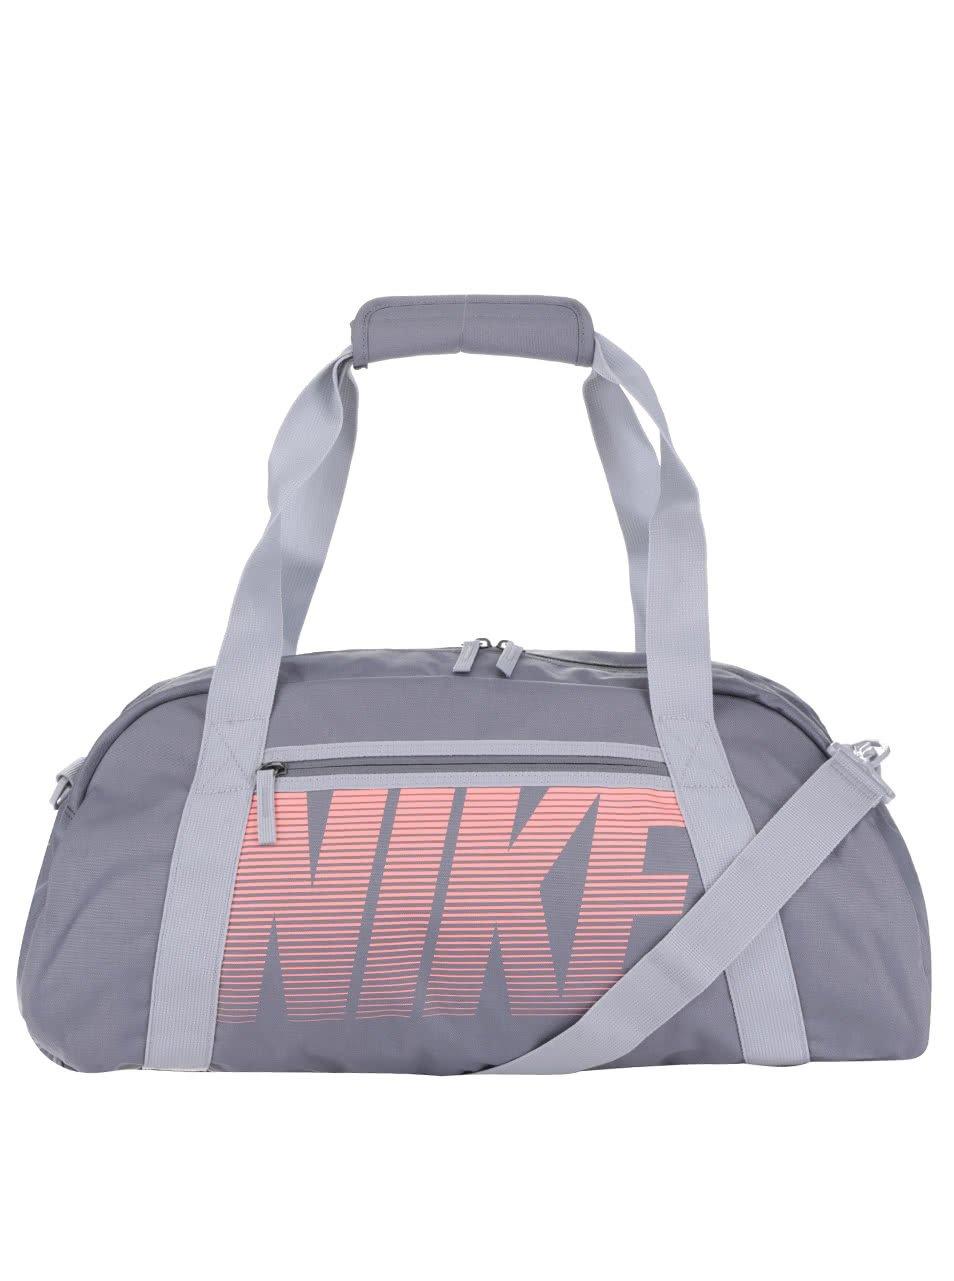 Šedá dámská sportovní taška s potiskem Nike 30 l